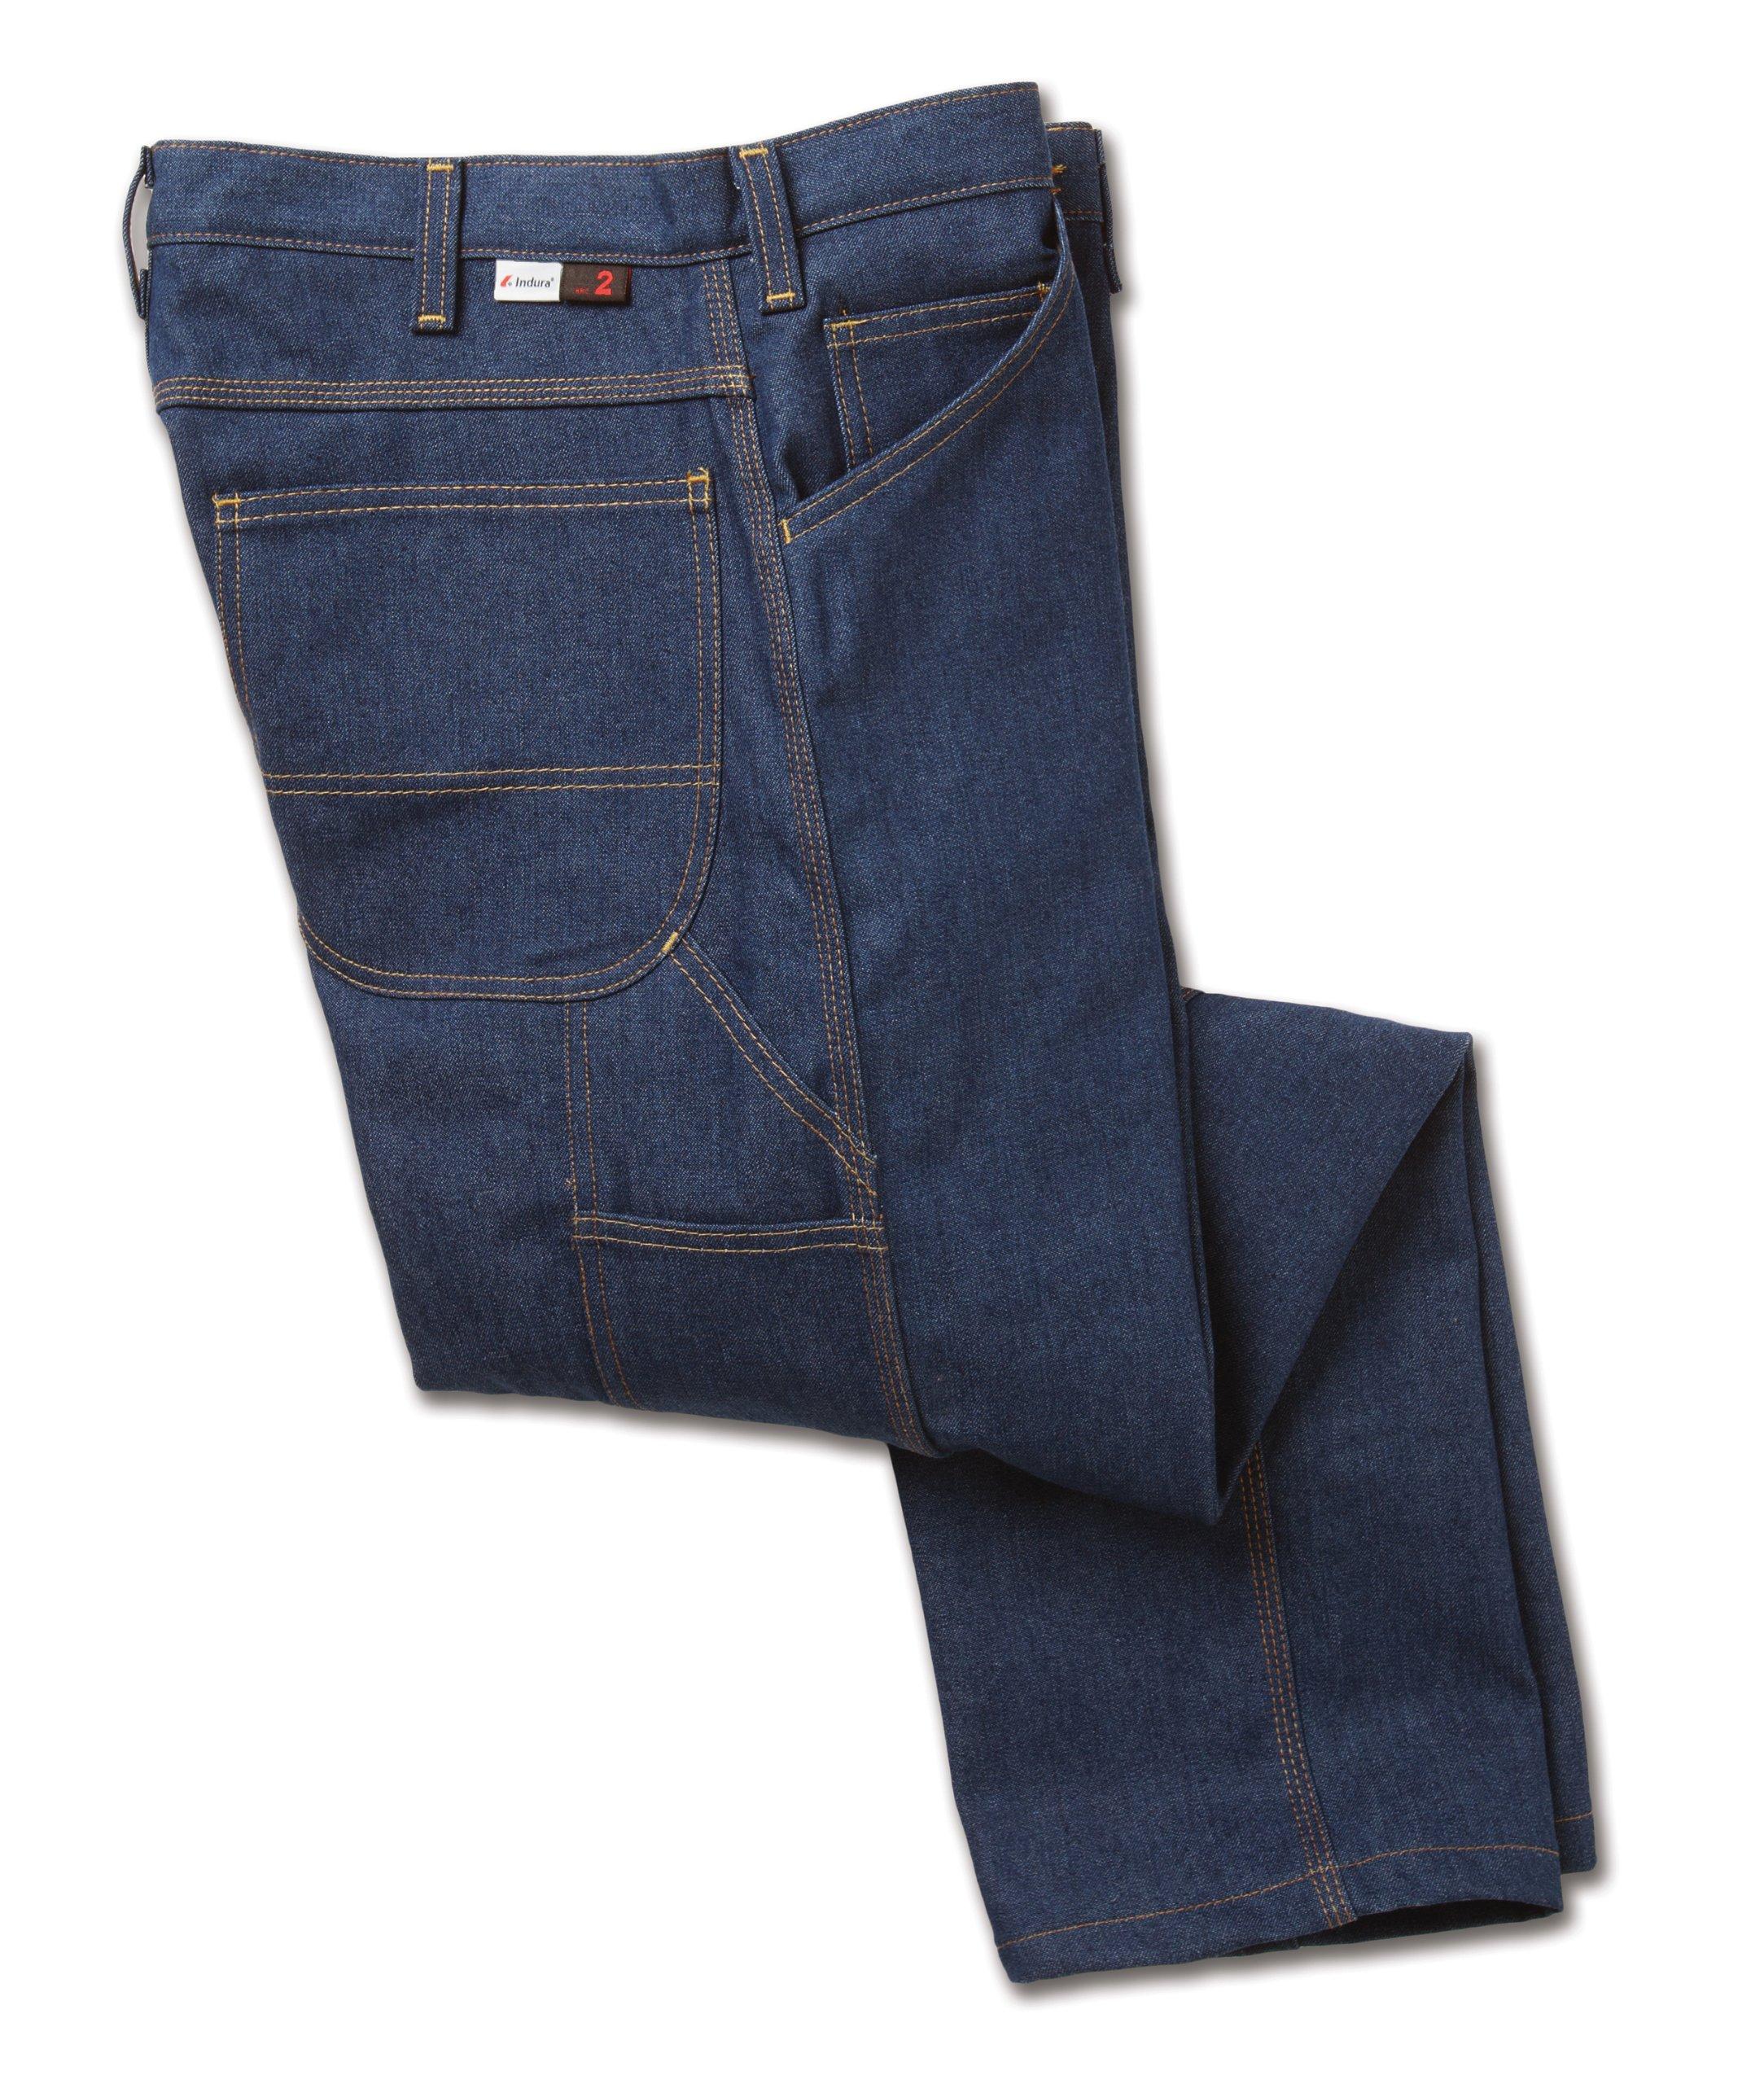 Workrite 496ID12SD38-30 Flame Resistant 12 oz Indura Carpenter Jean Pant, 38 Waist Size, 30 Inseam, Soft Denim